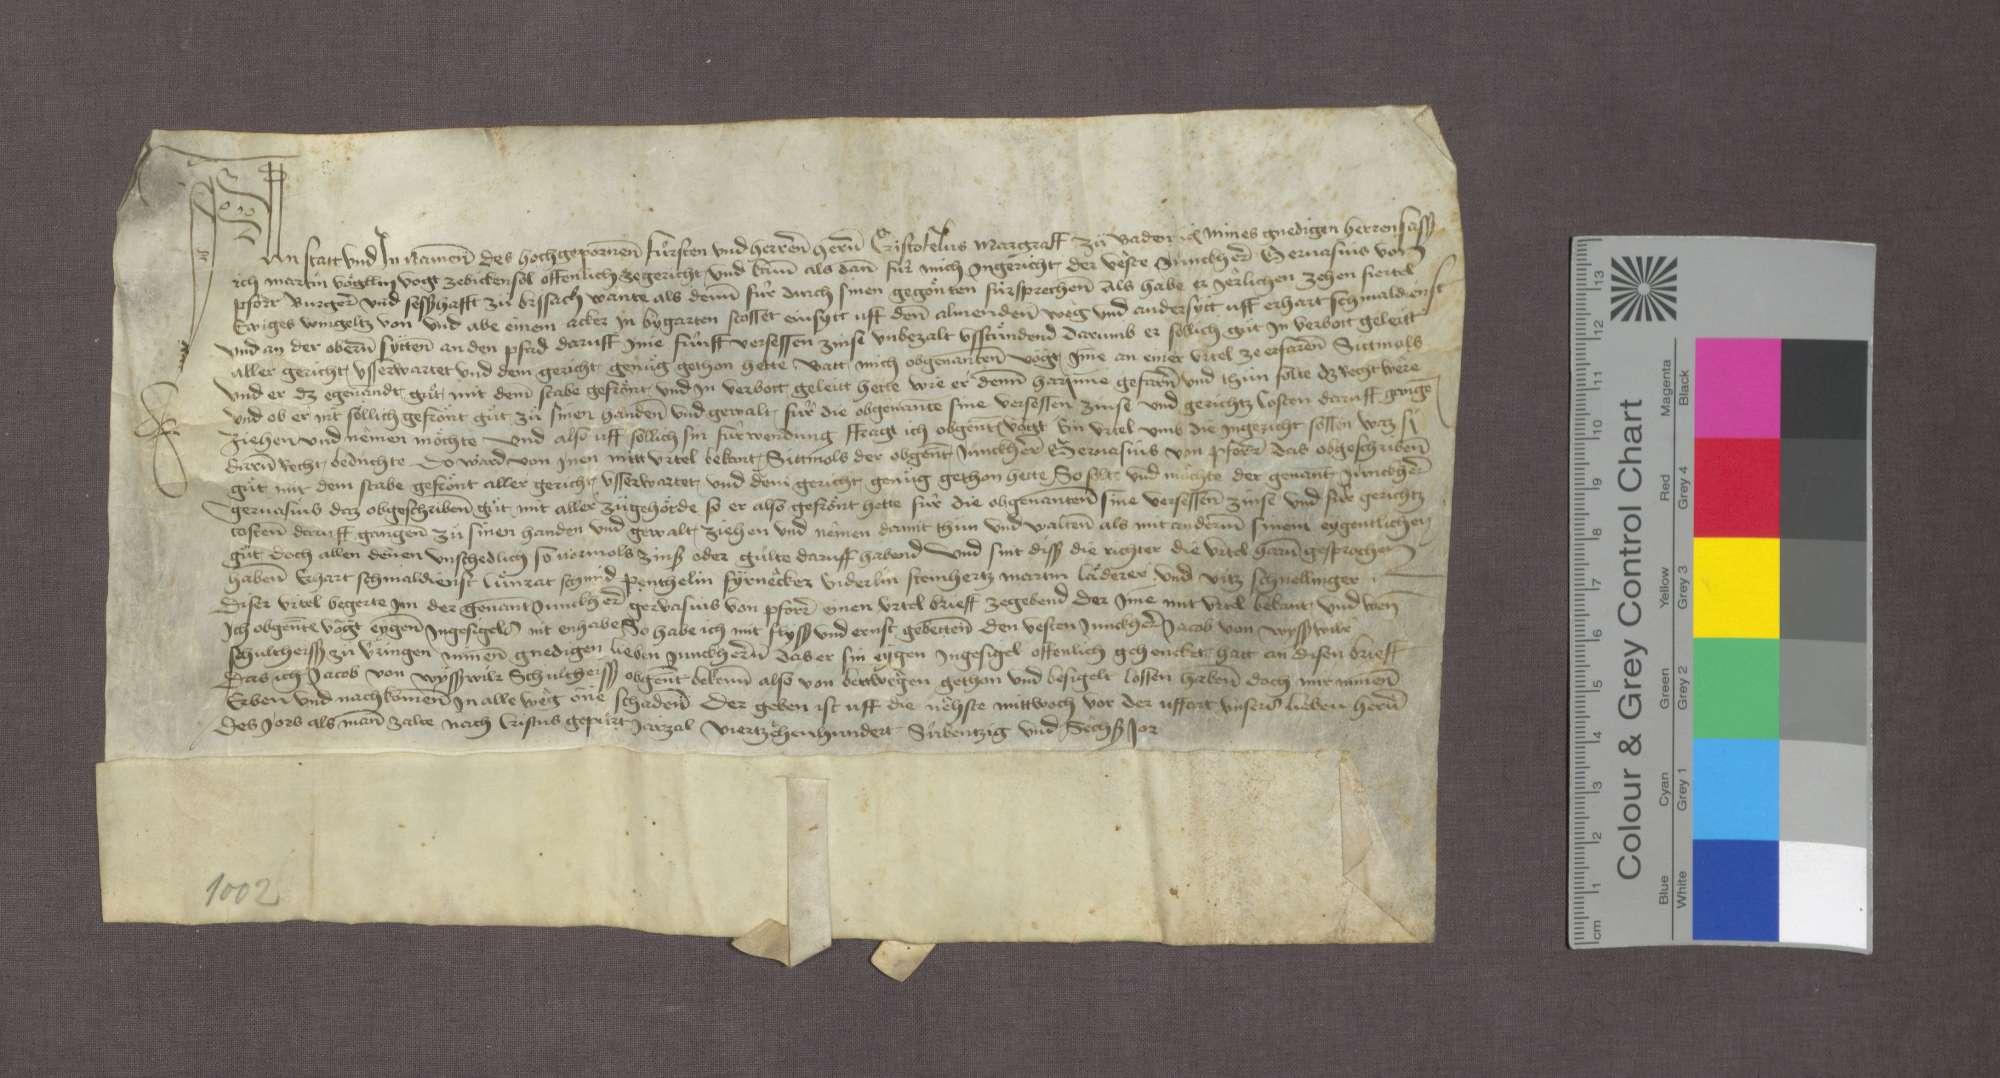 Das Gericht zu Bickensohl spricht dem Gervasius von Pforr in Breisach Güter in Bickensohl wegen rückständiger Weinzinse zu., Bild 1